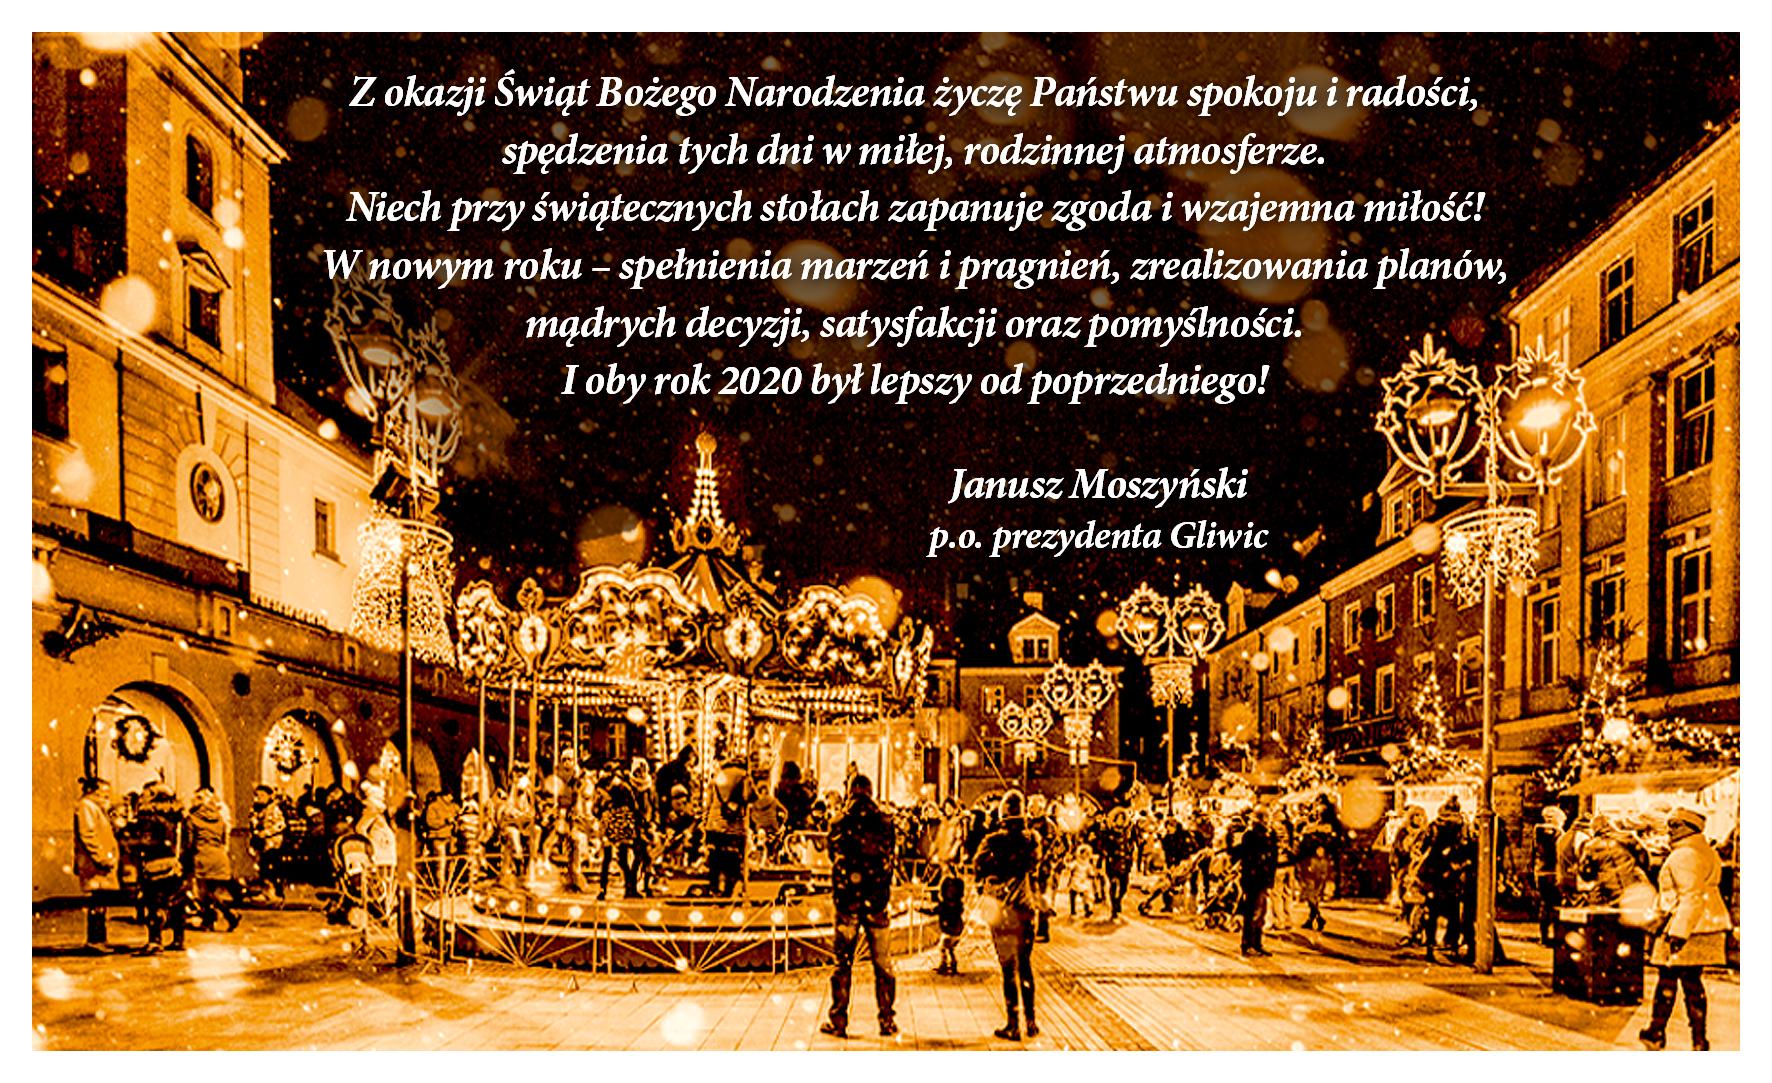 martka z życzeniami, tekst w treści, na zdjęciu Rynek podczas bożonarodzeniowego jarmarku